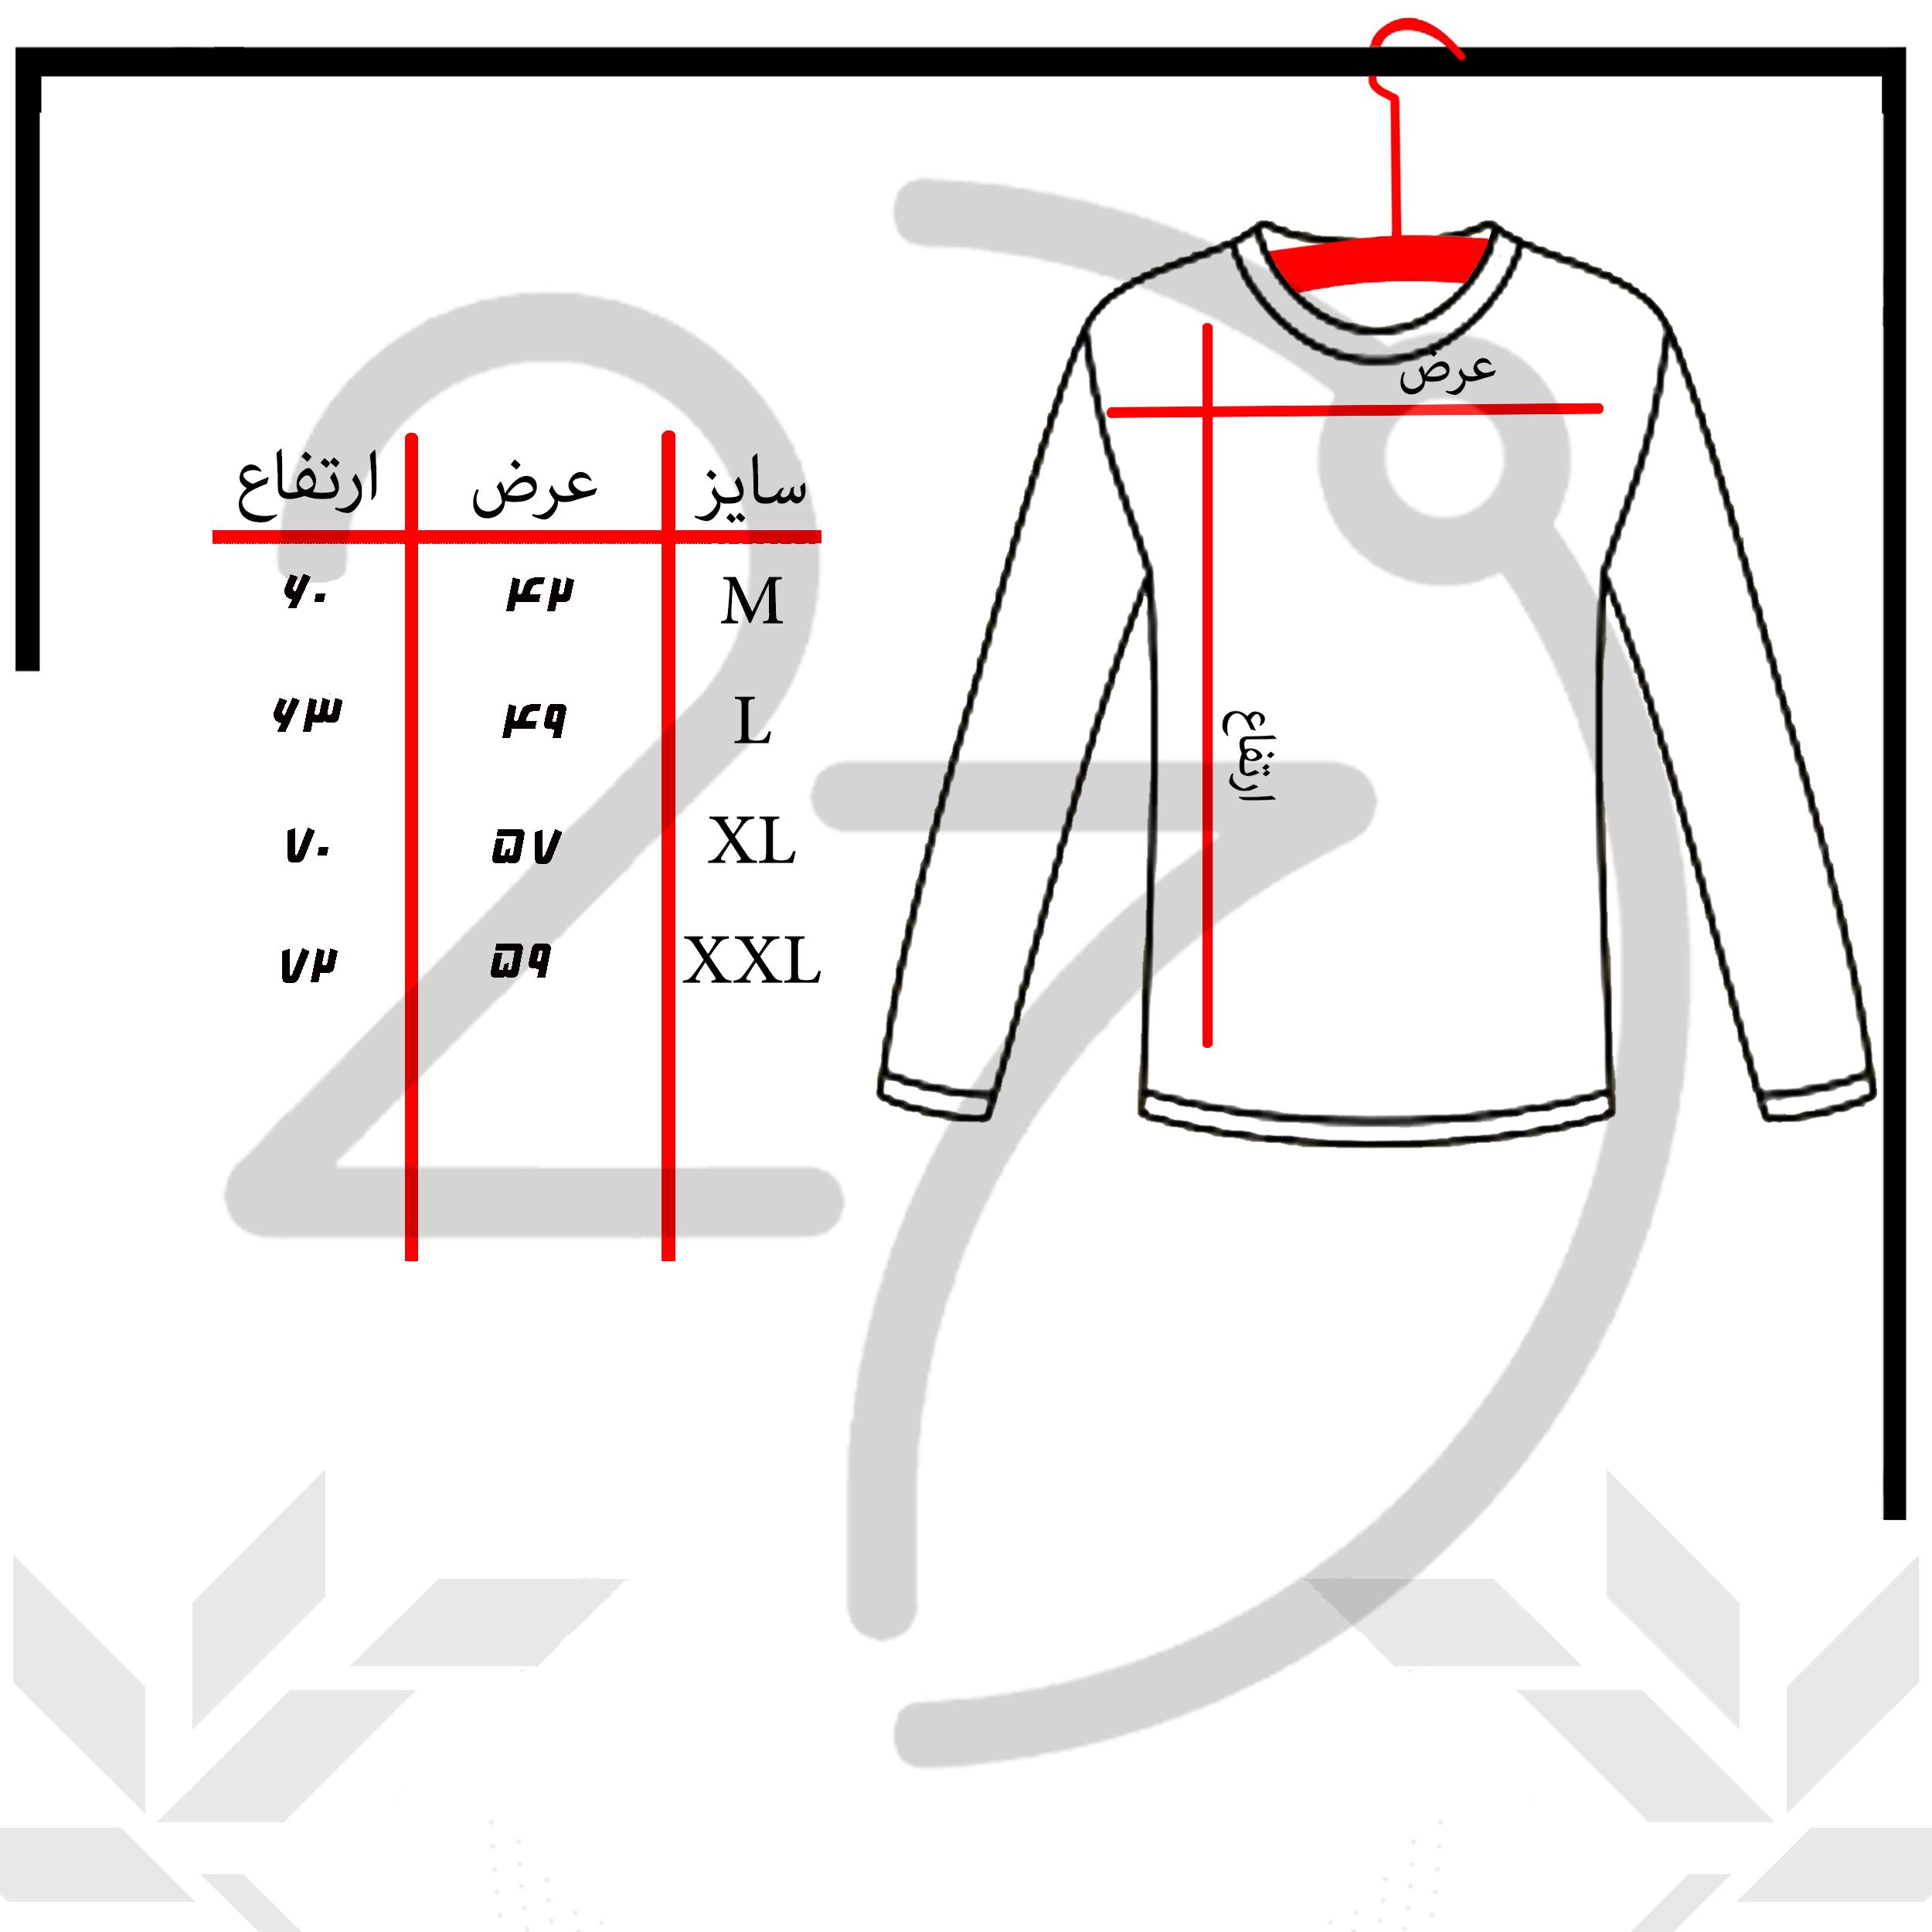 تی شرت آستین بلند زنانه 27 مدل خرگوش کد B123